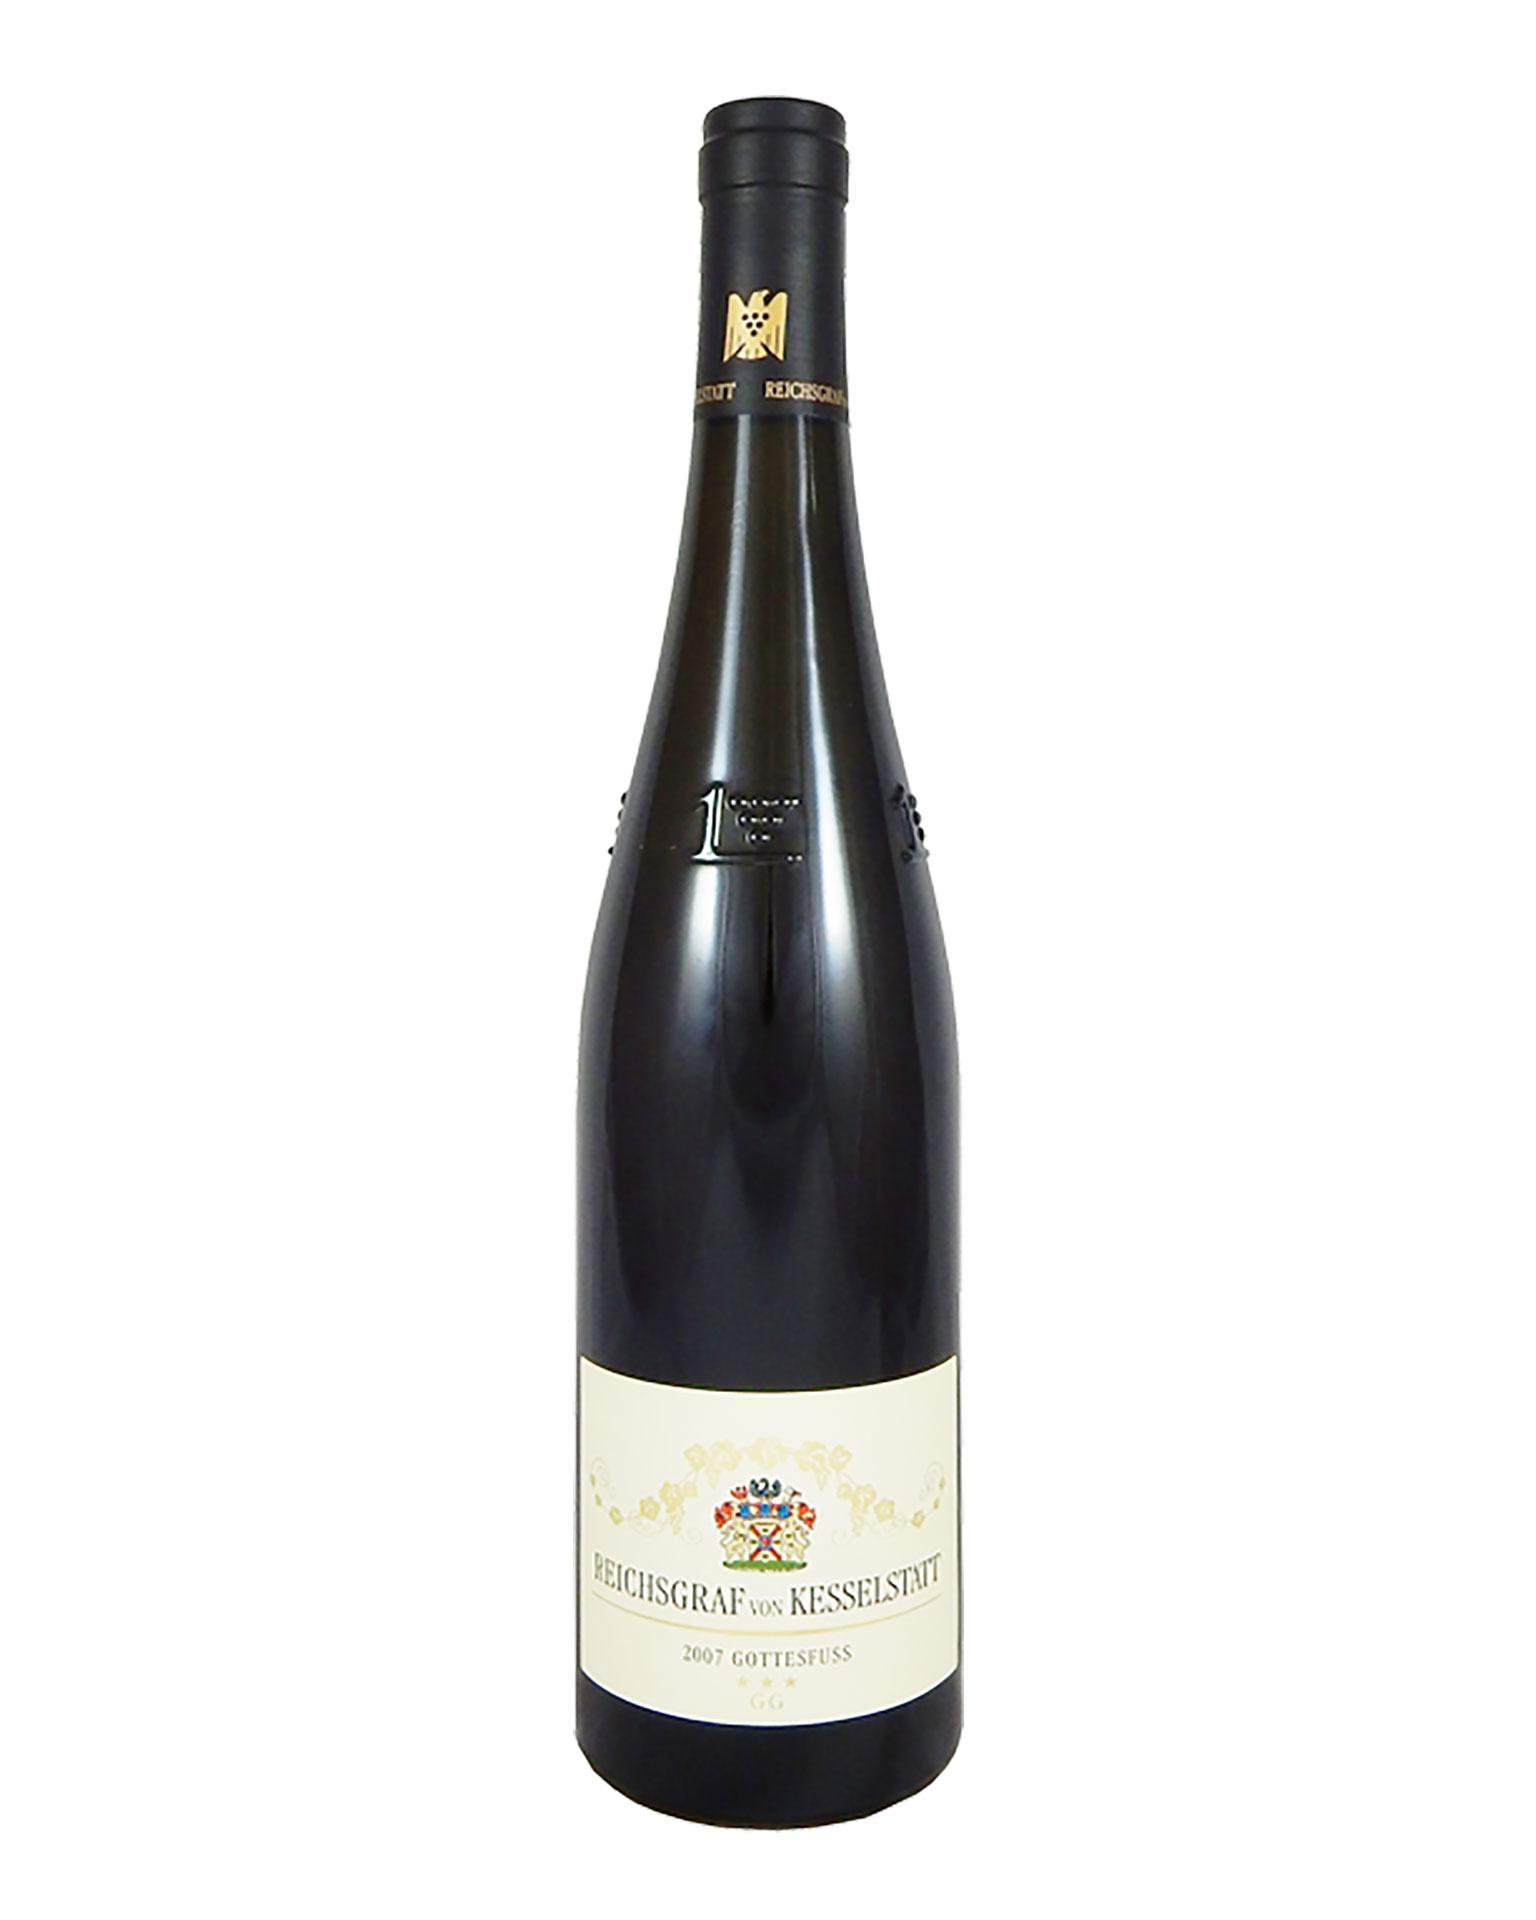 Weingut Reichsgraf von Kesselstatt Riesling, Wiltinger Gottesfuss GG 2007-2